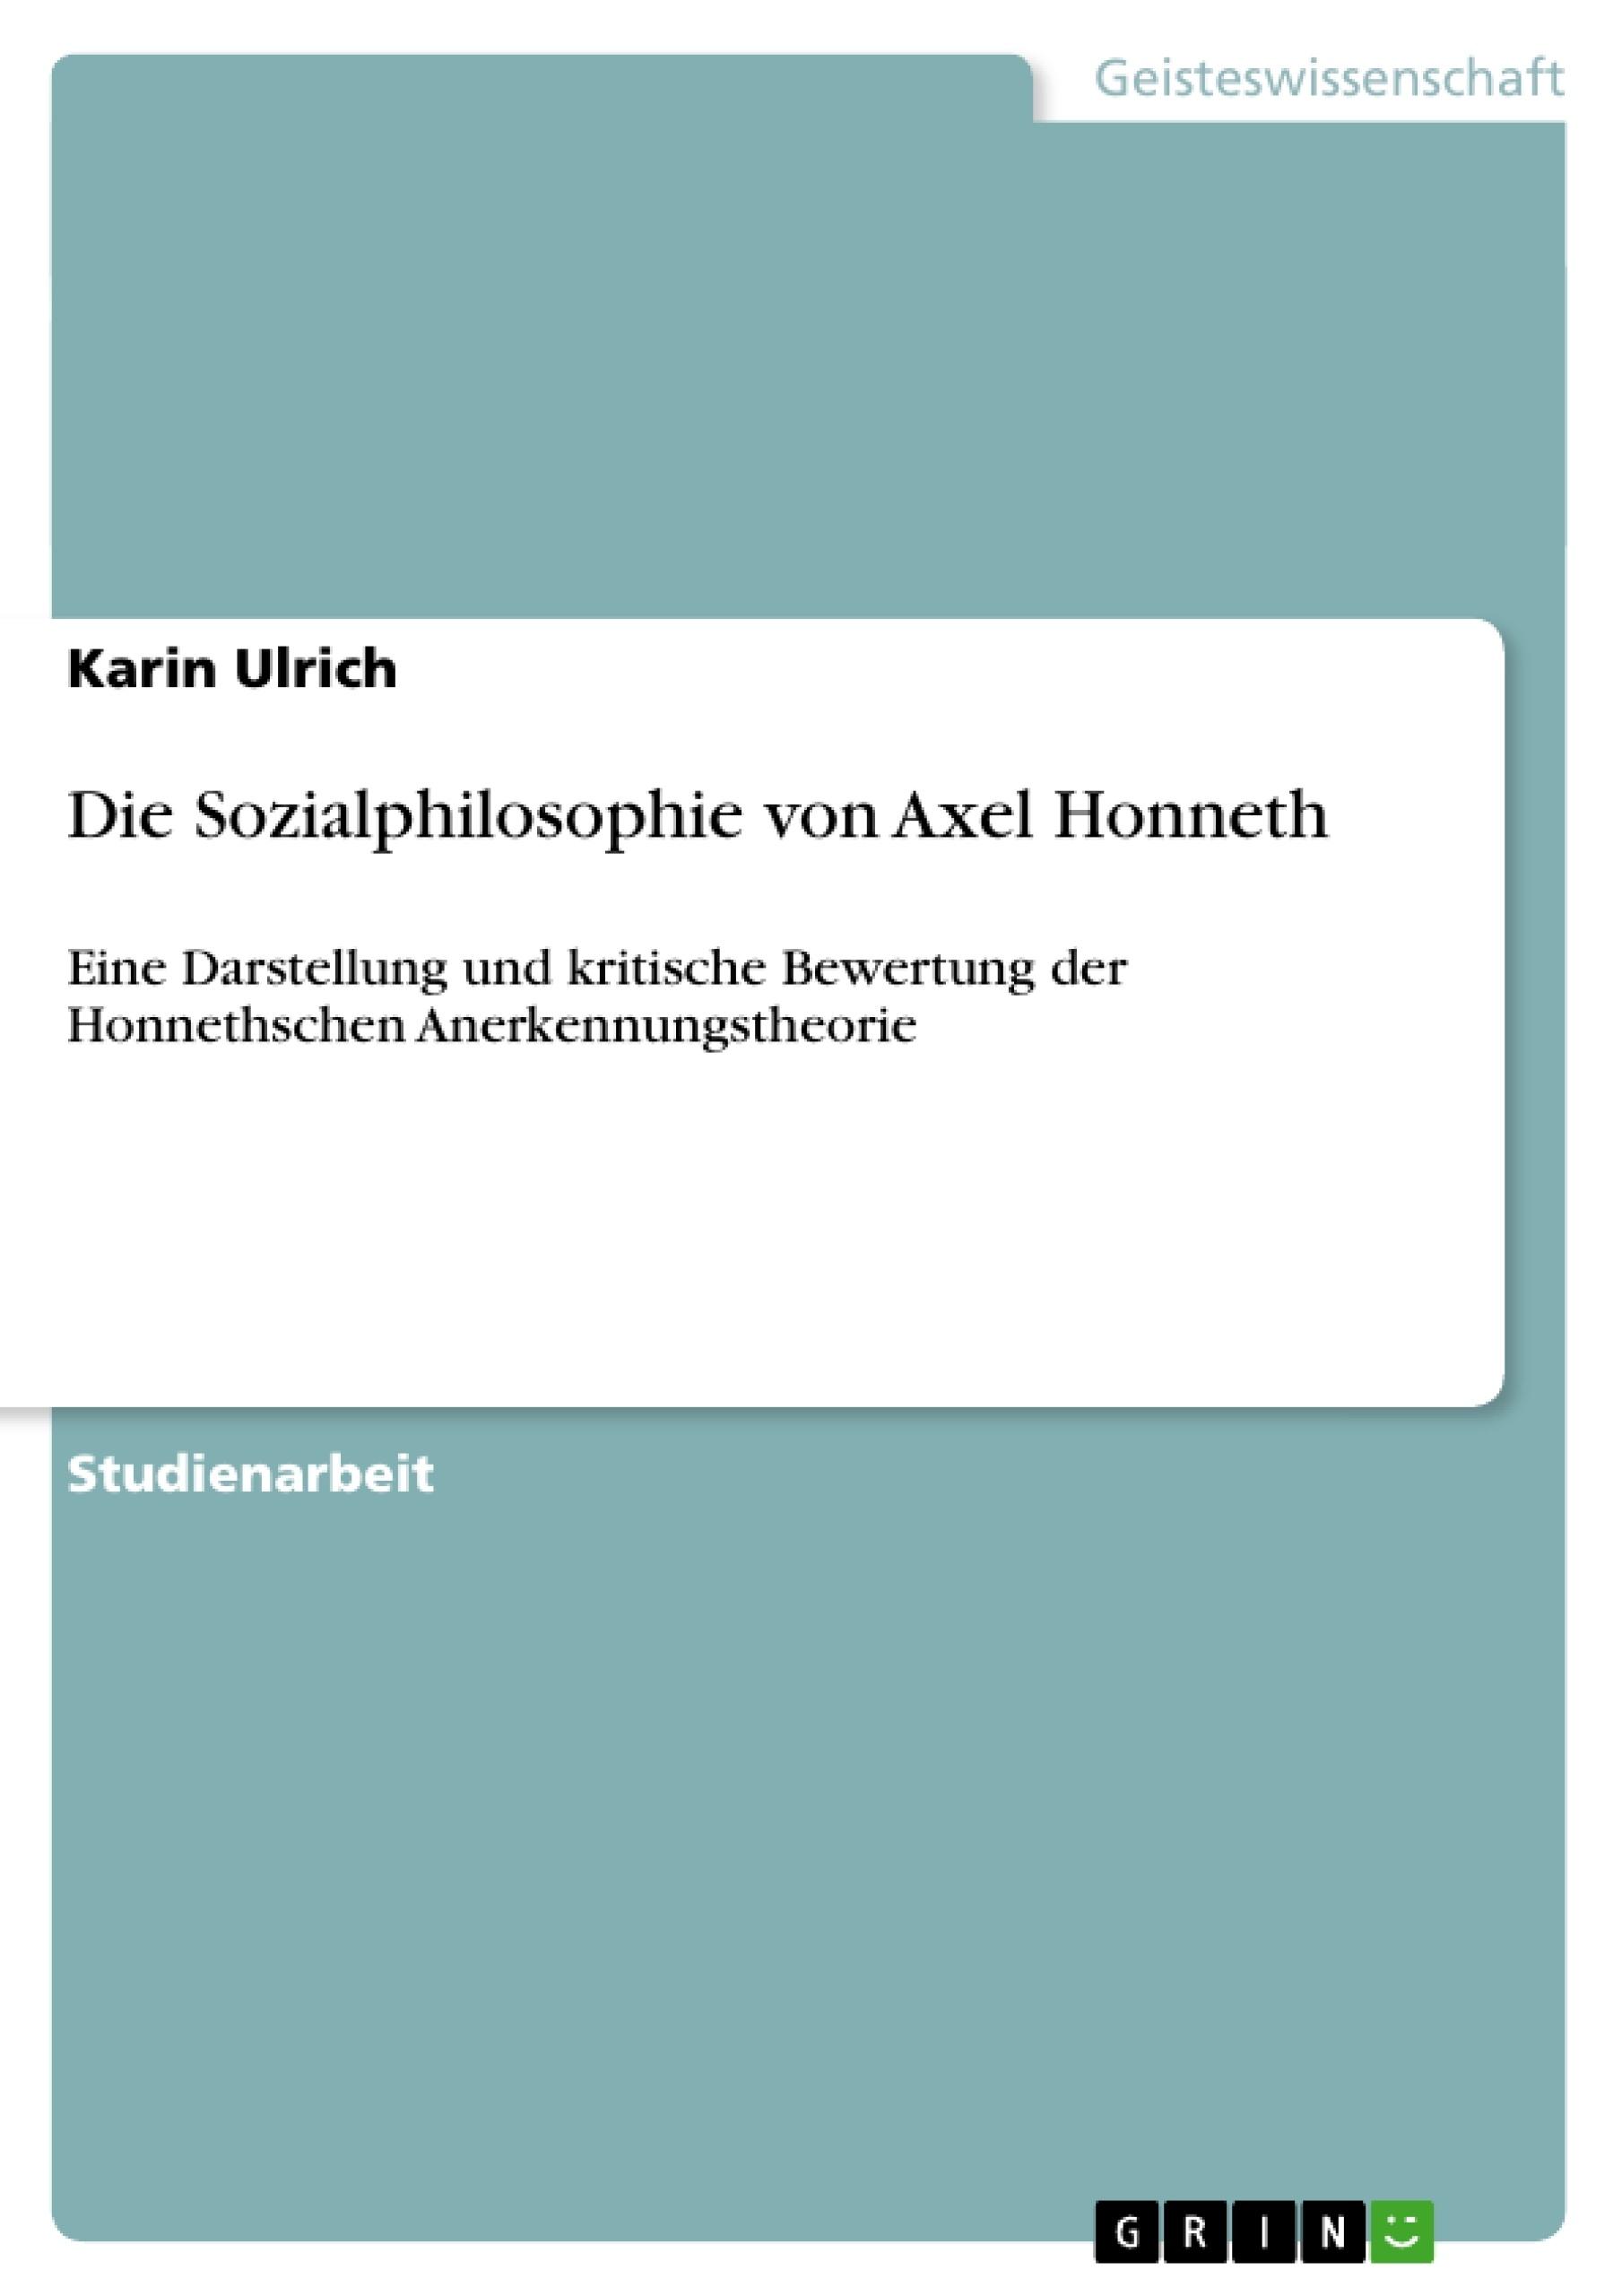 Titel: Die Sozialphilosophie von Axel Honneth